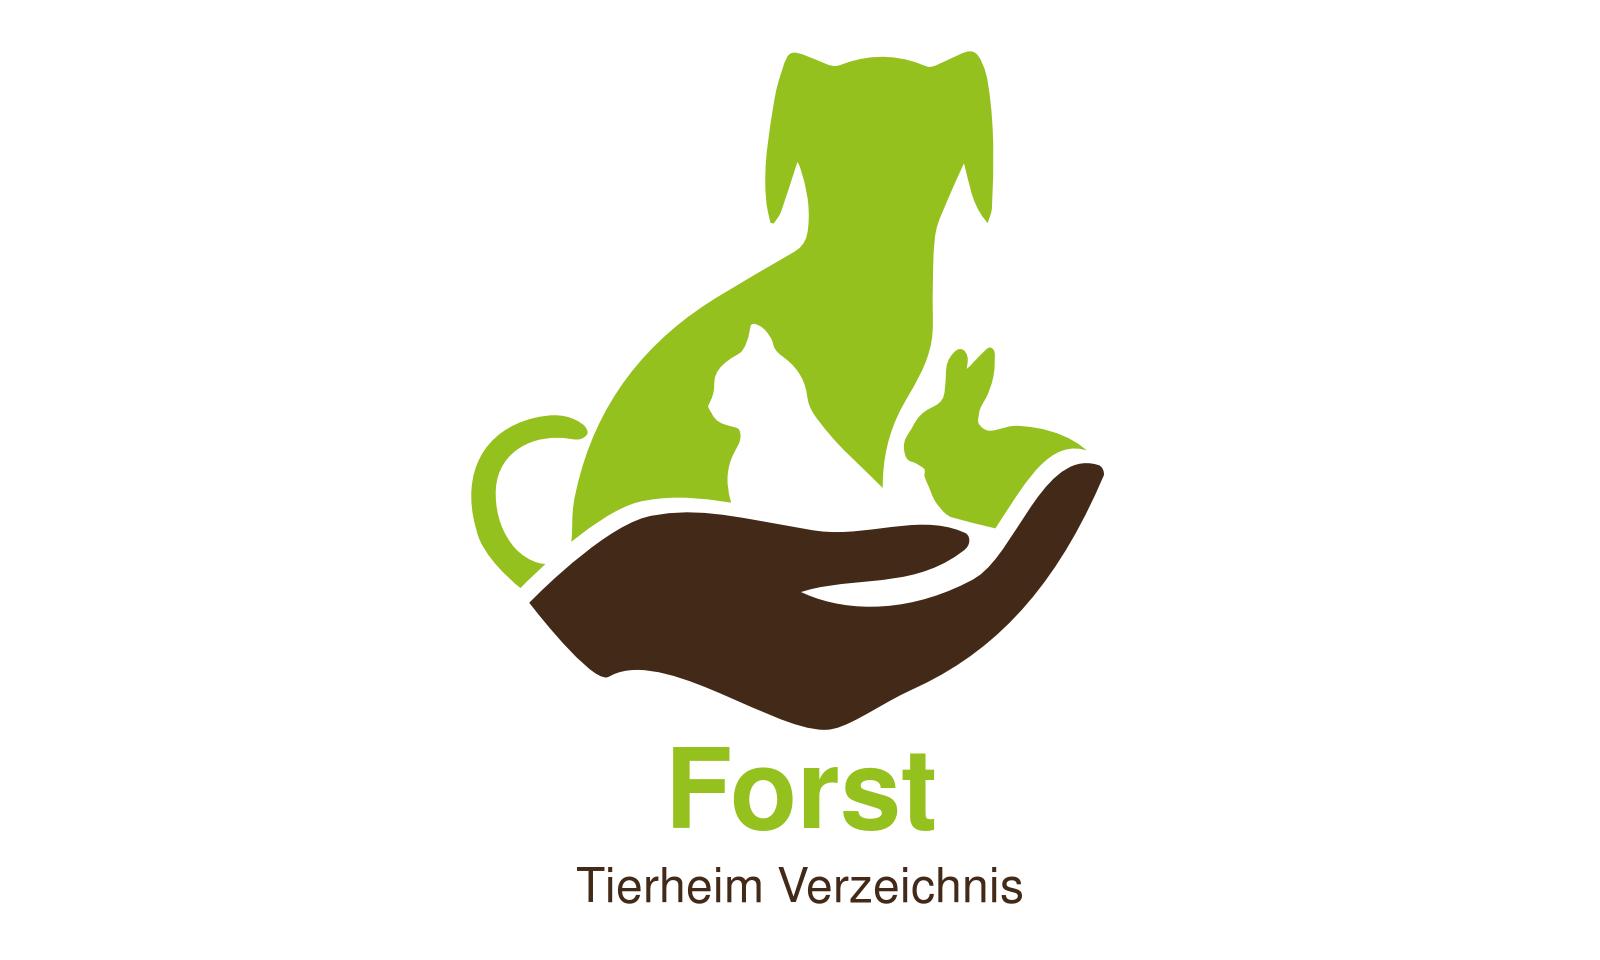 Tierheim Forst